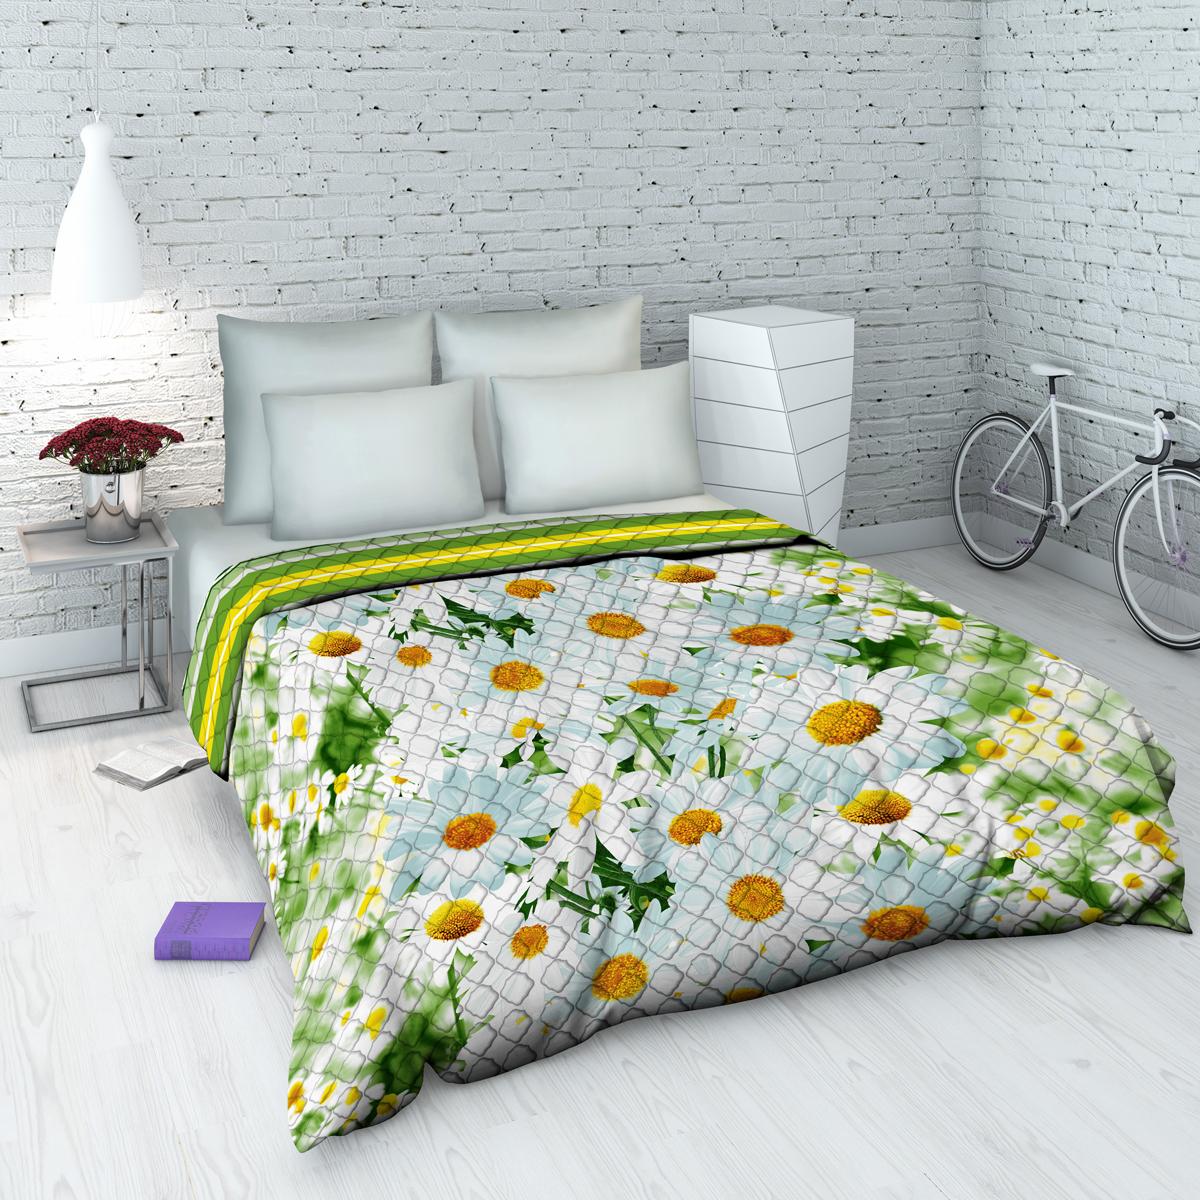 Покрывало Василиса На даче, 145 х 205 см, цвет: зеленый. 4323_пд1004900000360Декоративное стеганое покрывало из хлопка - привычный аксессуар для многих спален. Приятное на ощупь и красивое на вид. Может использоваться как покрывало в интерьере гостиных, детских, спален (особенно в загородных домах), так и в качестве облегченного одеяла в летний сезон. Чехол - бязь, 100% хлопок, наполнитель - силиконизированное волокно.